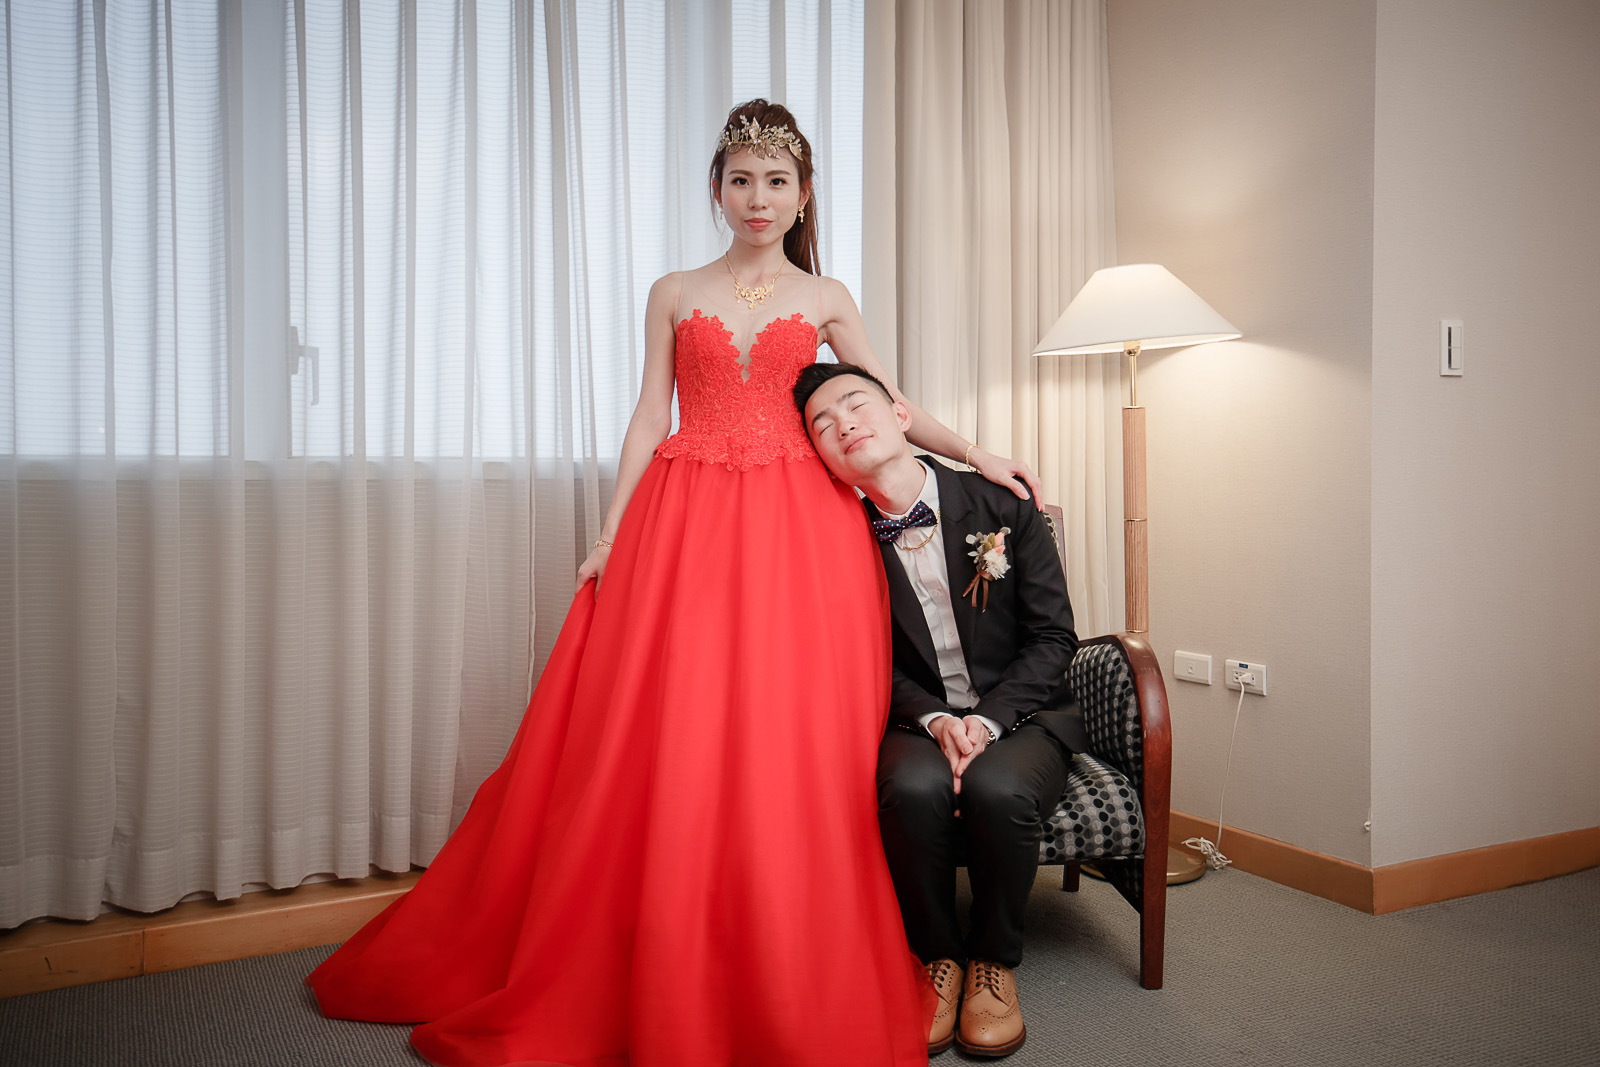 高雄圓山飯店,婚禮攝影,婚攝,高雄婚攝,優質婚攝推薦,Jen&Ethan-060